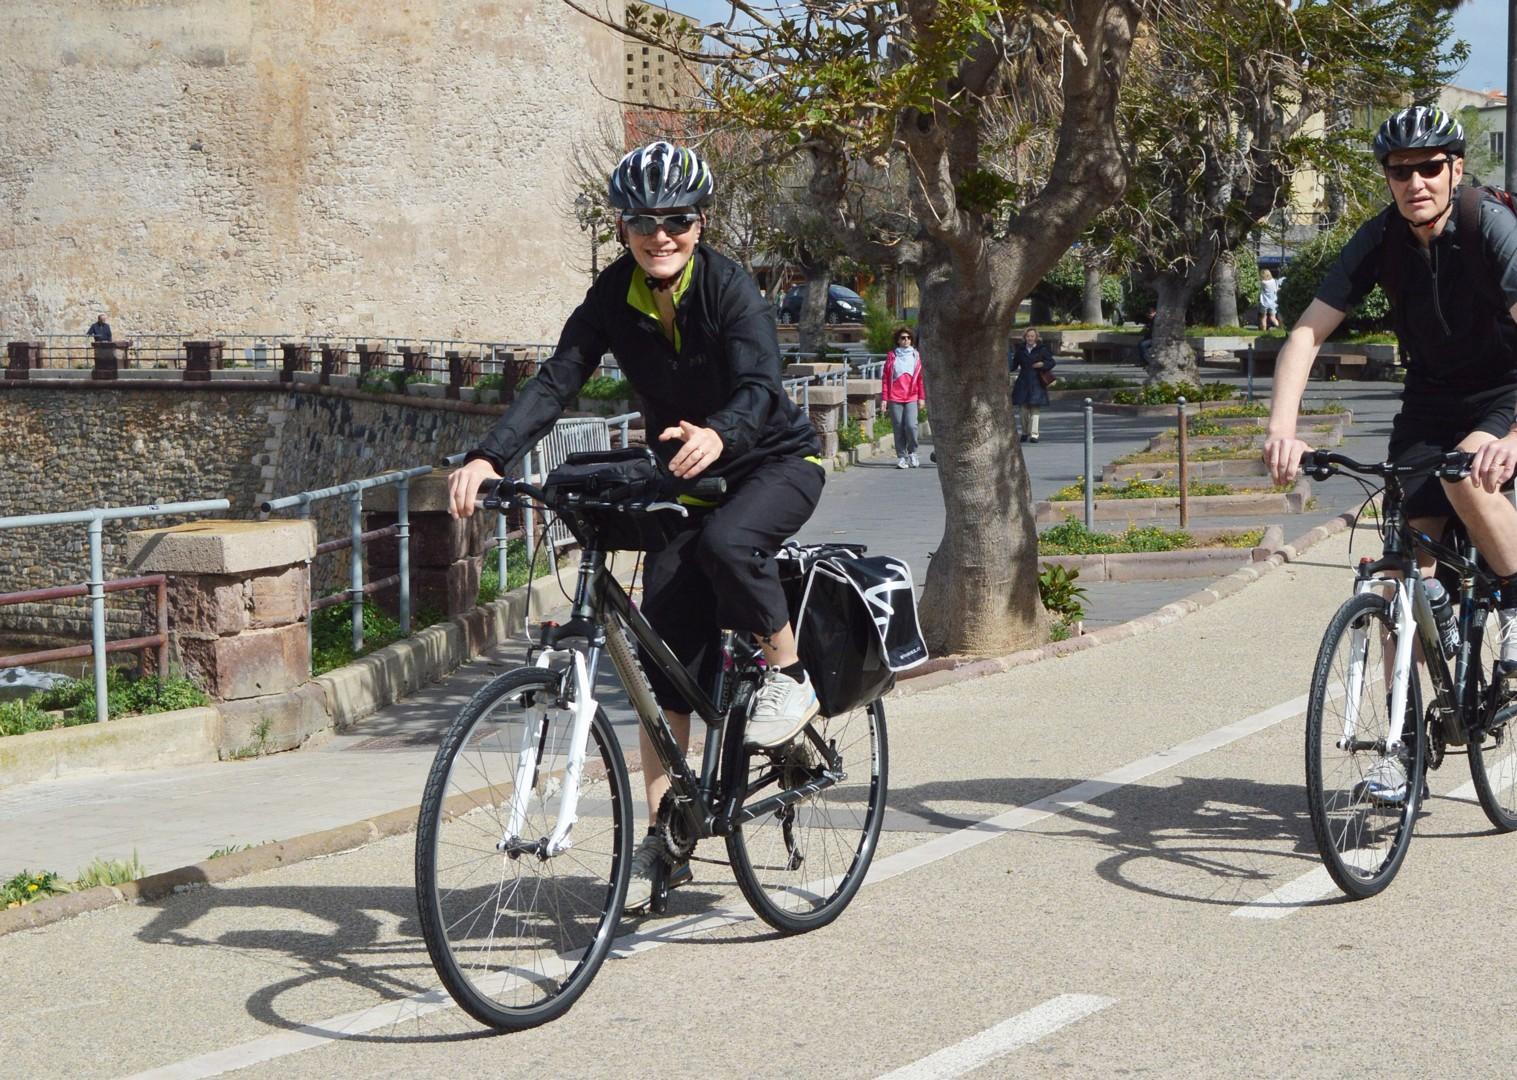 tinnura-sardinia-leisure-cycling-holiday.jpg - Italy - Sardinia - West Coast Wonders - Self-Guided Leisure Cycling Holiday - Leisure Cycling